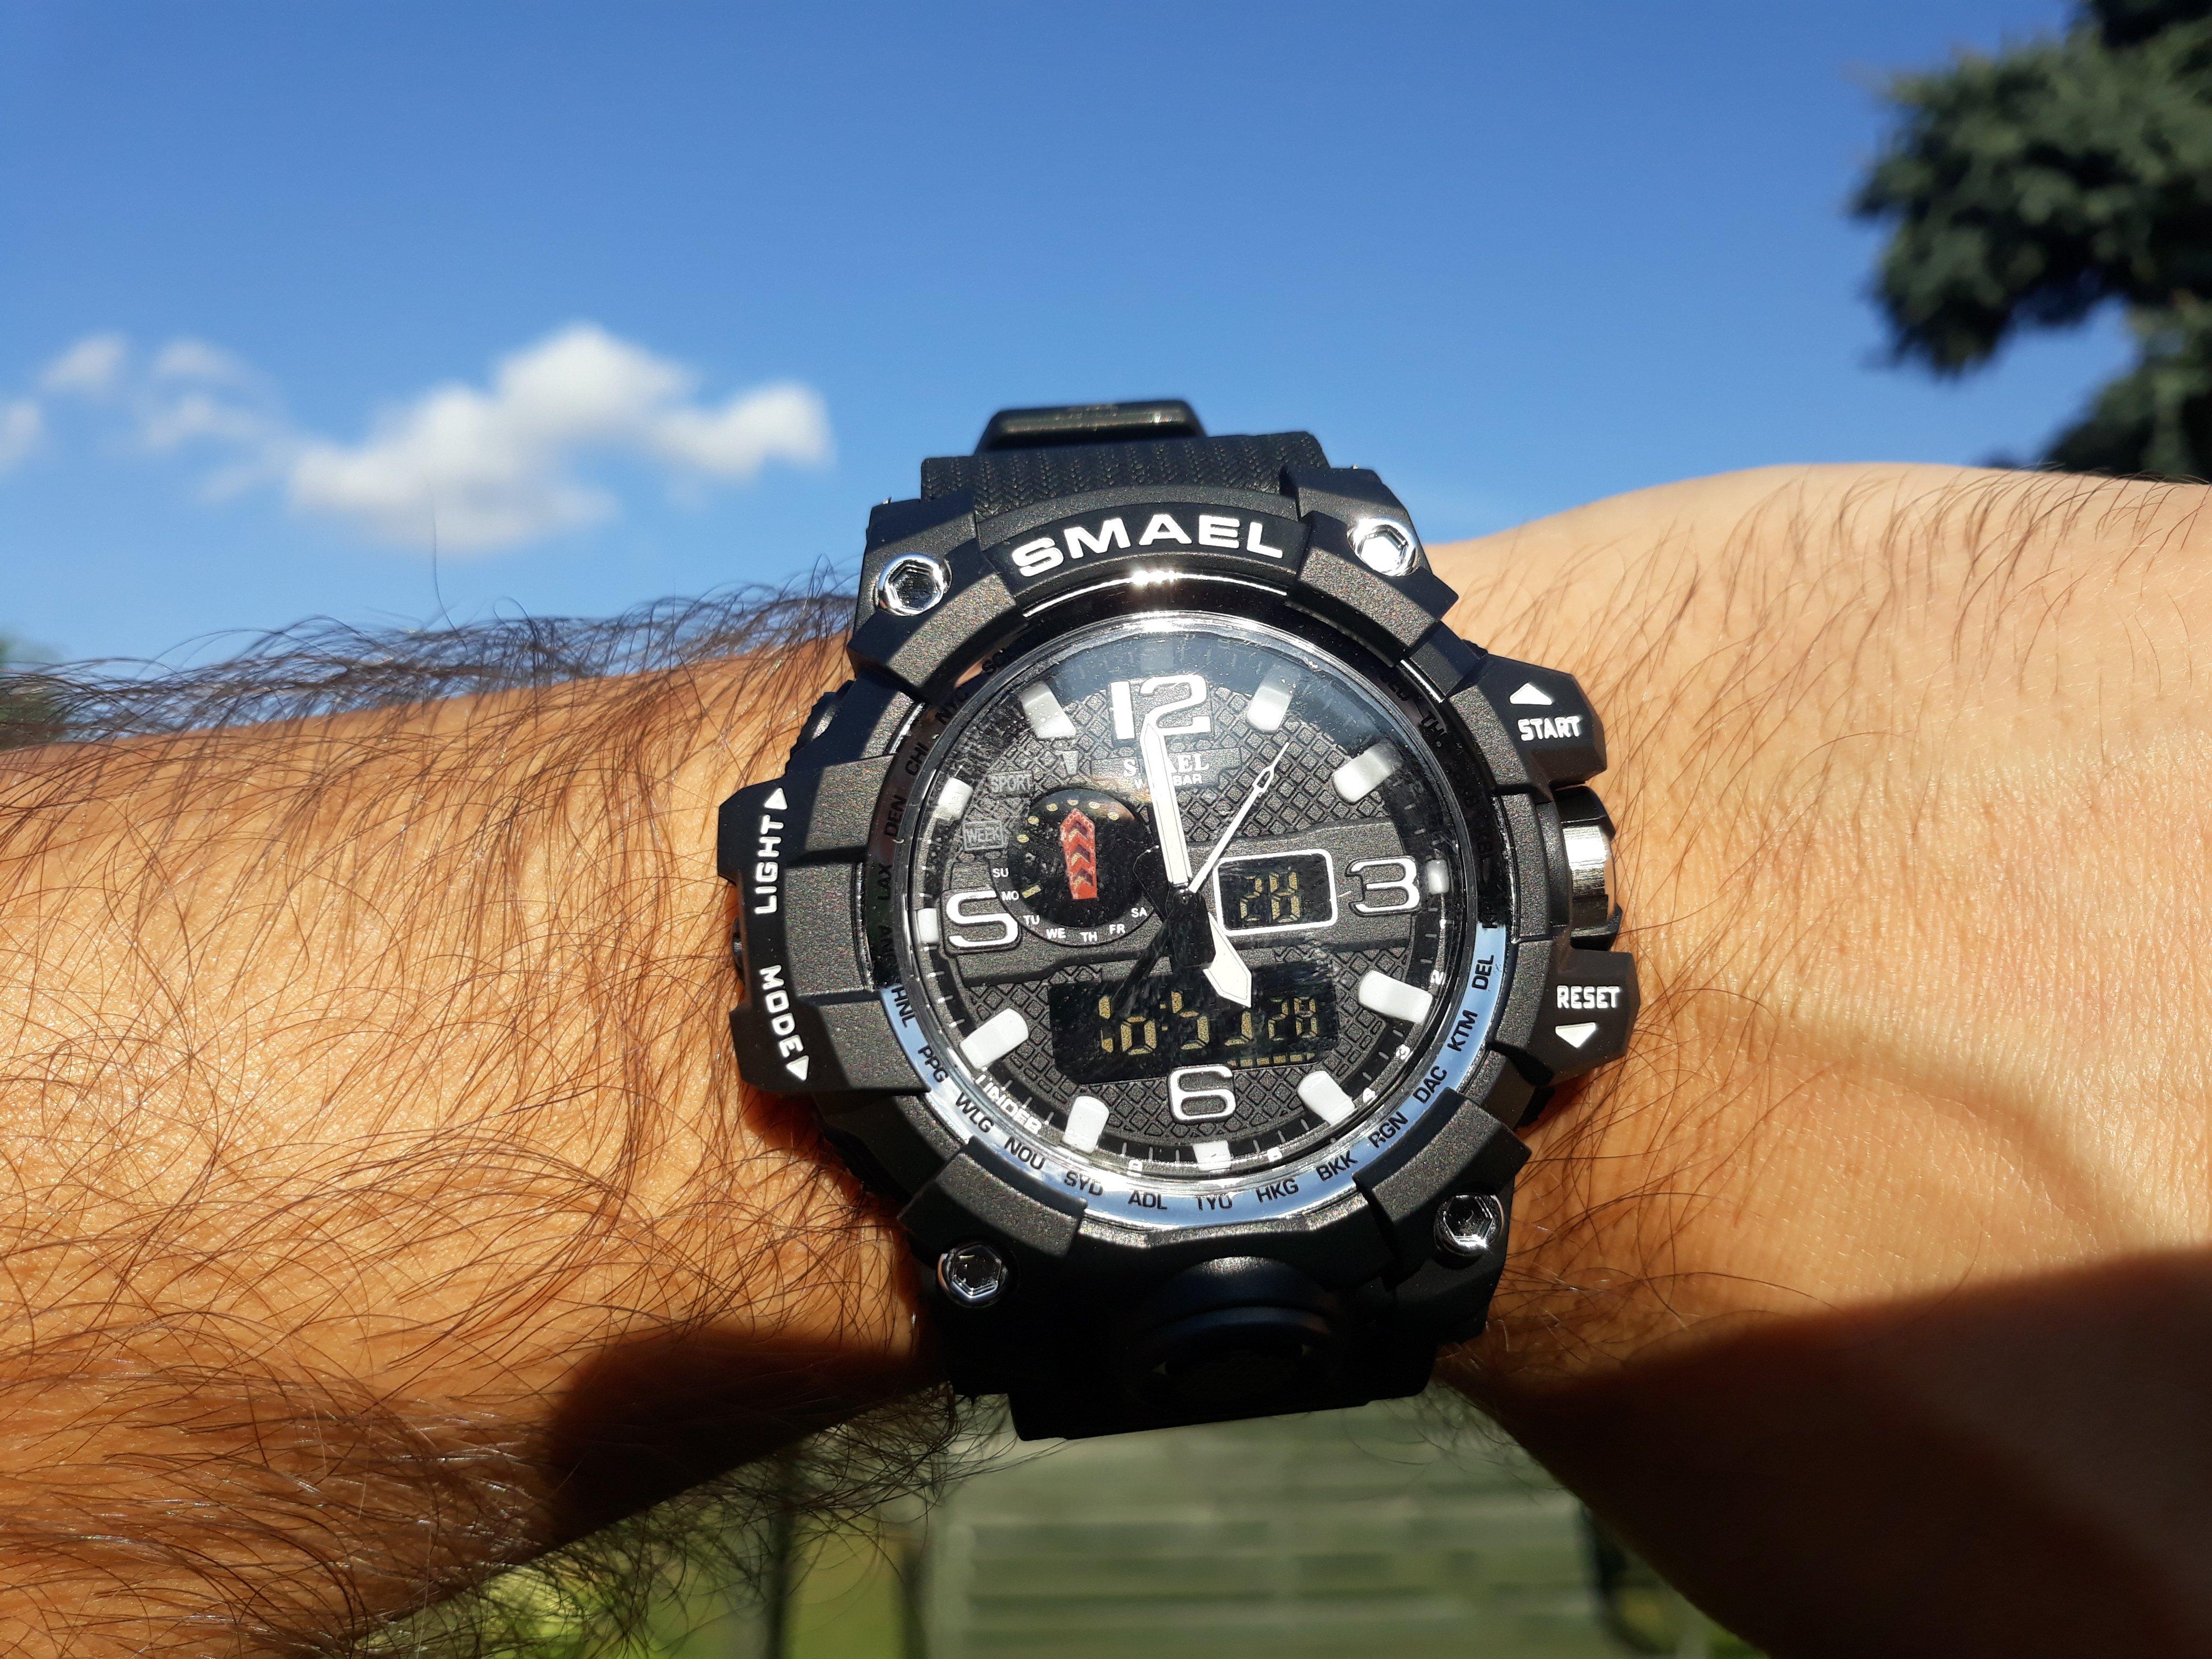 Zegarek Smael Camouflage biały 12